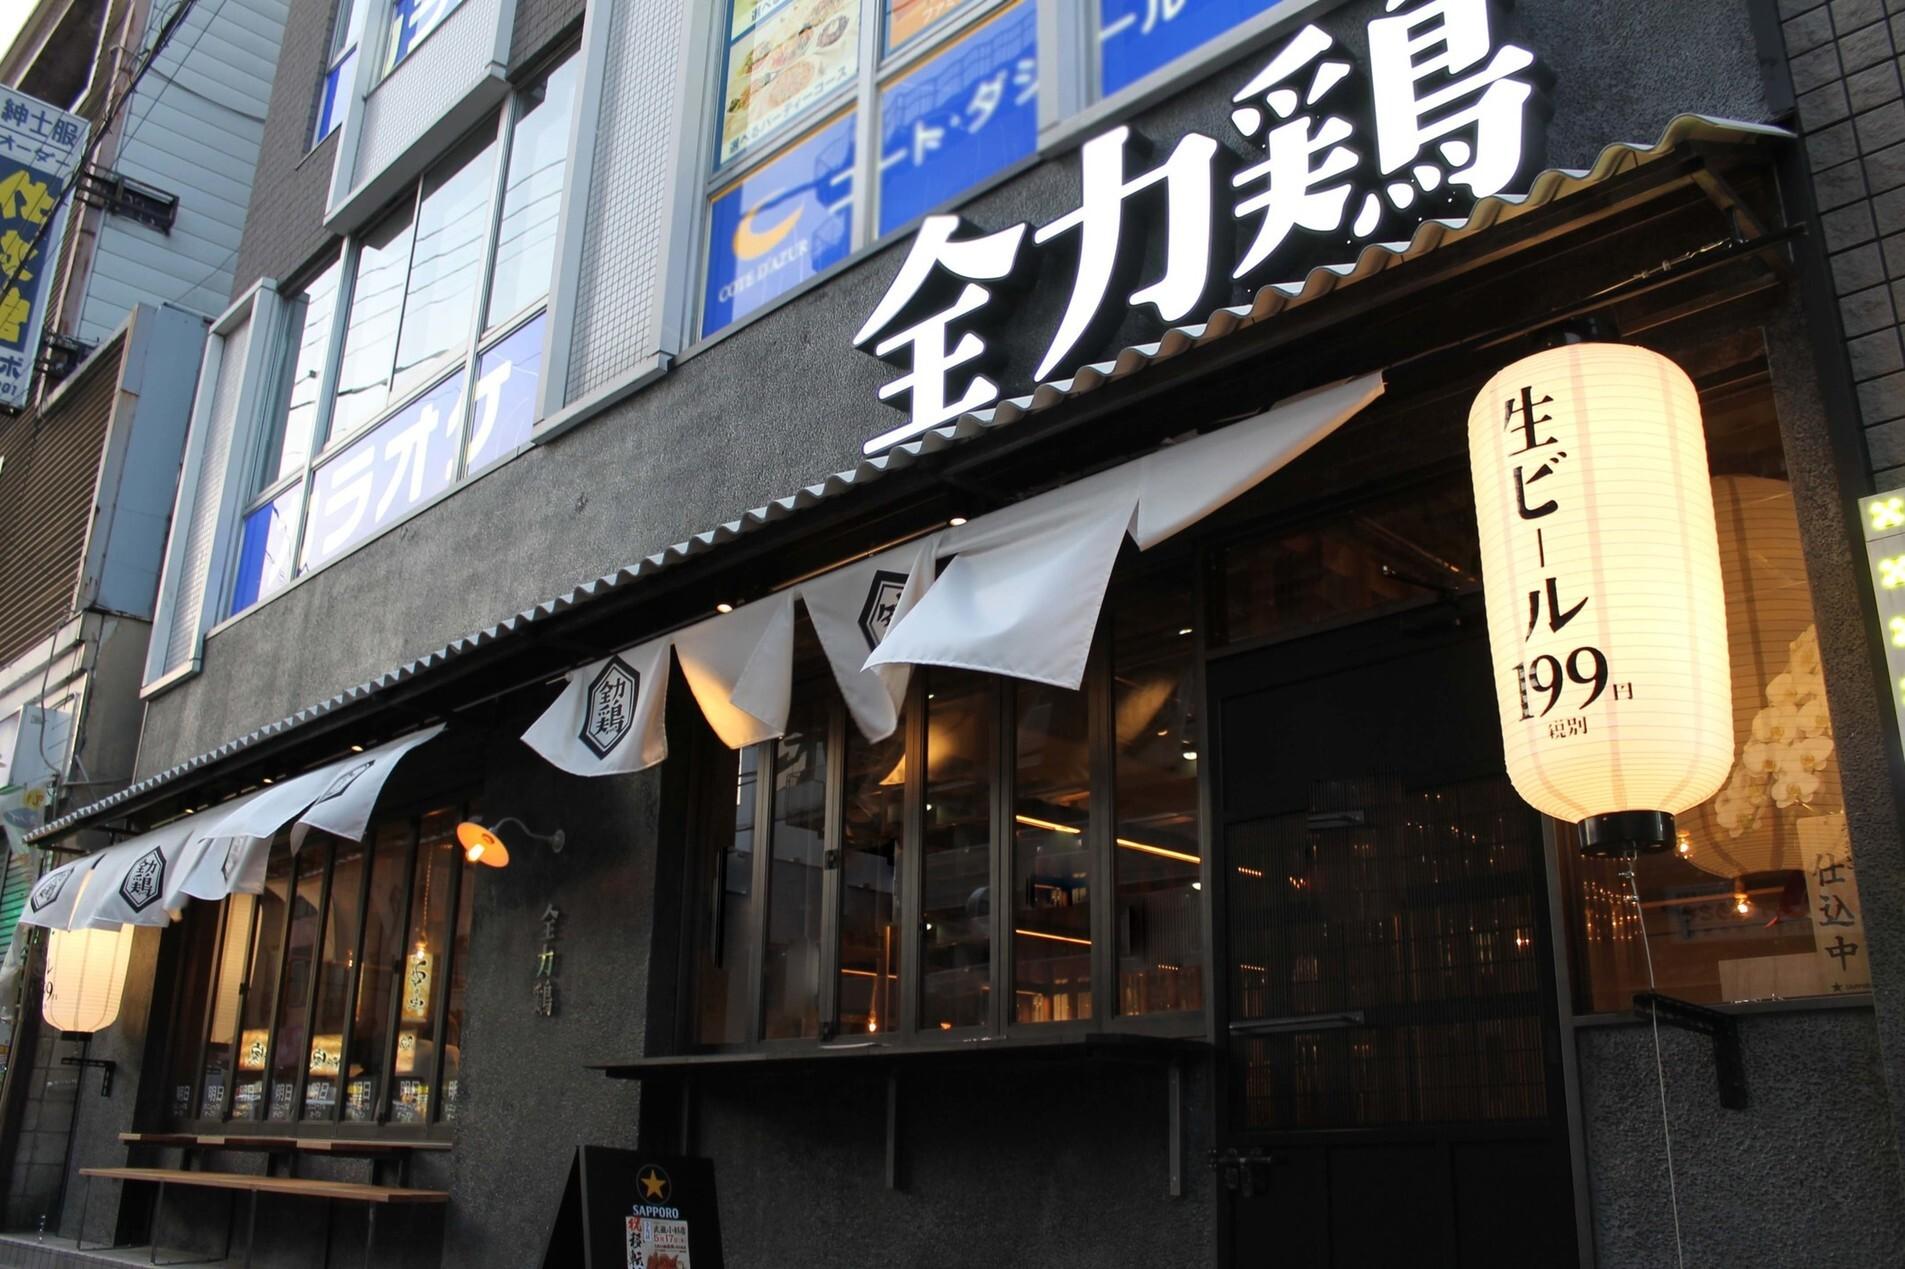 武蔵小杉駅徒歩3分!生ビール何杯飲んでも199円!